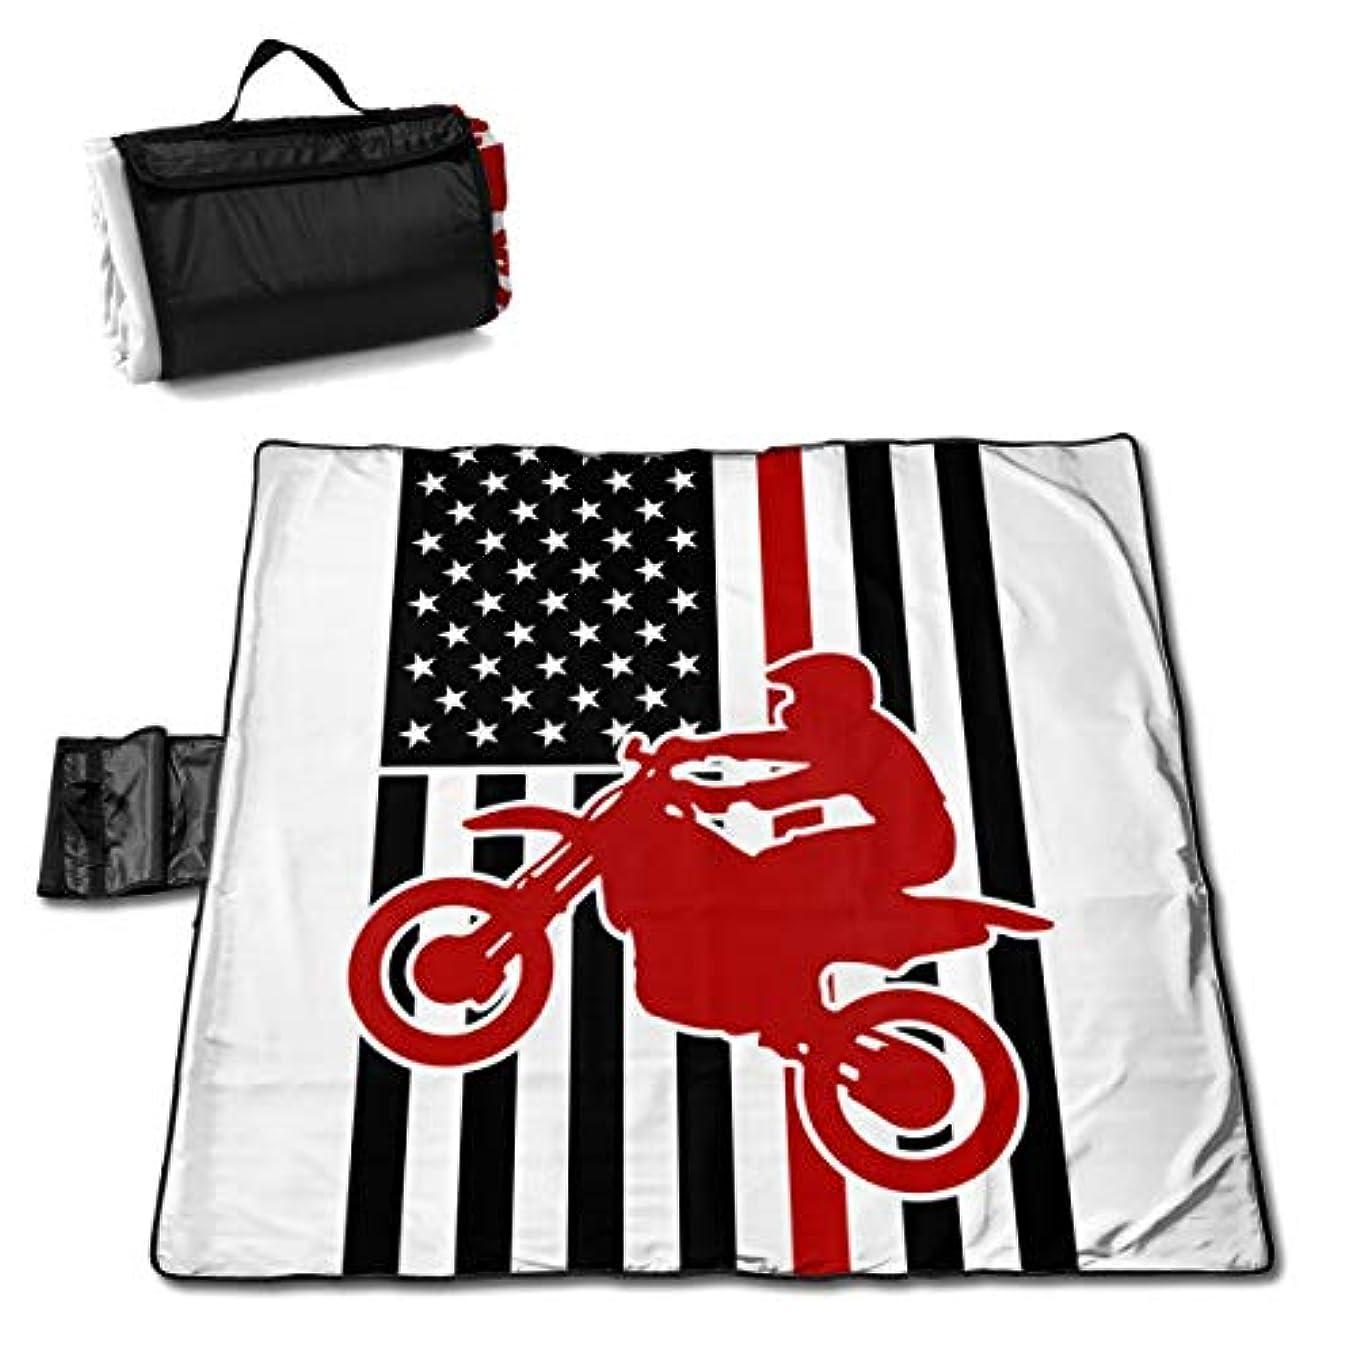 才能のある熟考する優れましたアメリカ国旗ダートバイク ピクニックマット レジャーシート ファミリー レジャーマット 防水 防潮 マット 折り畳み 持ち運び便利 四季適用び おしゃれ花火大会 運動会 遠足 キャンプ 145×150cm